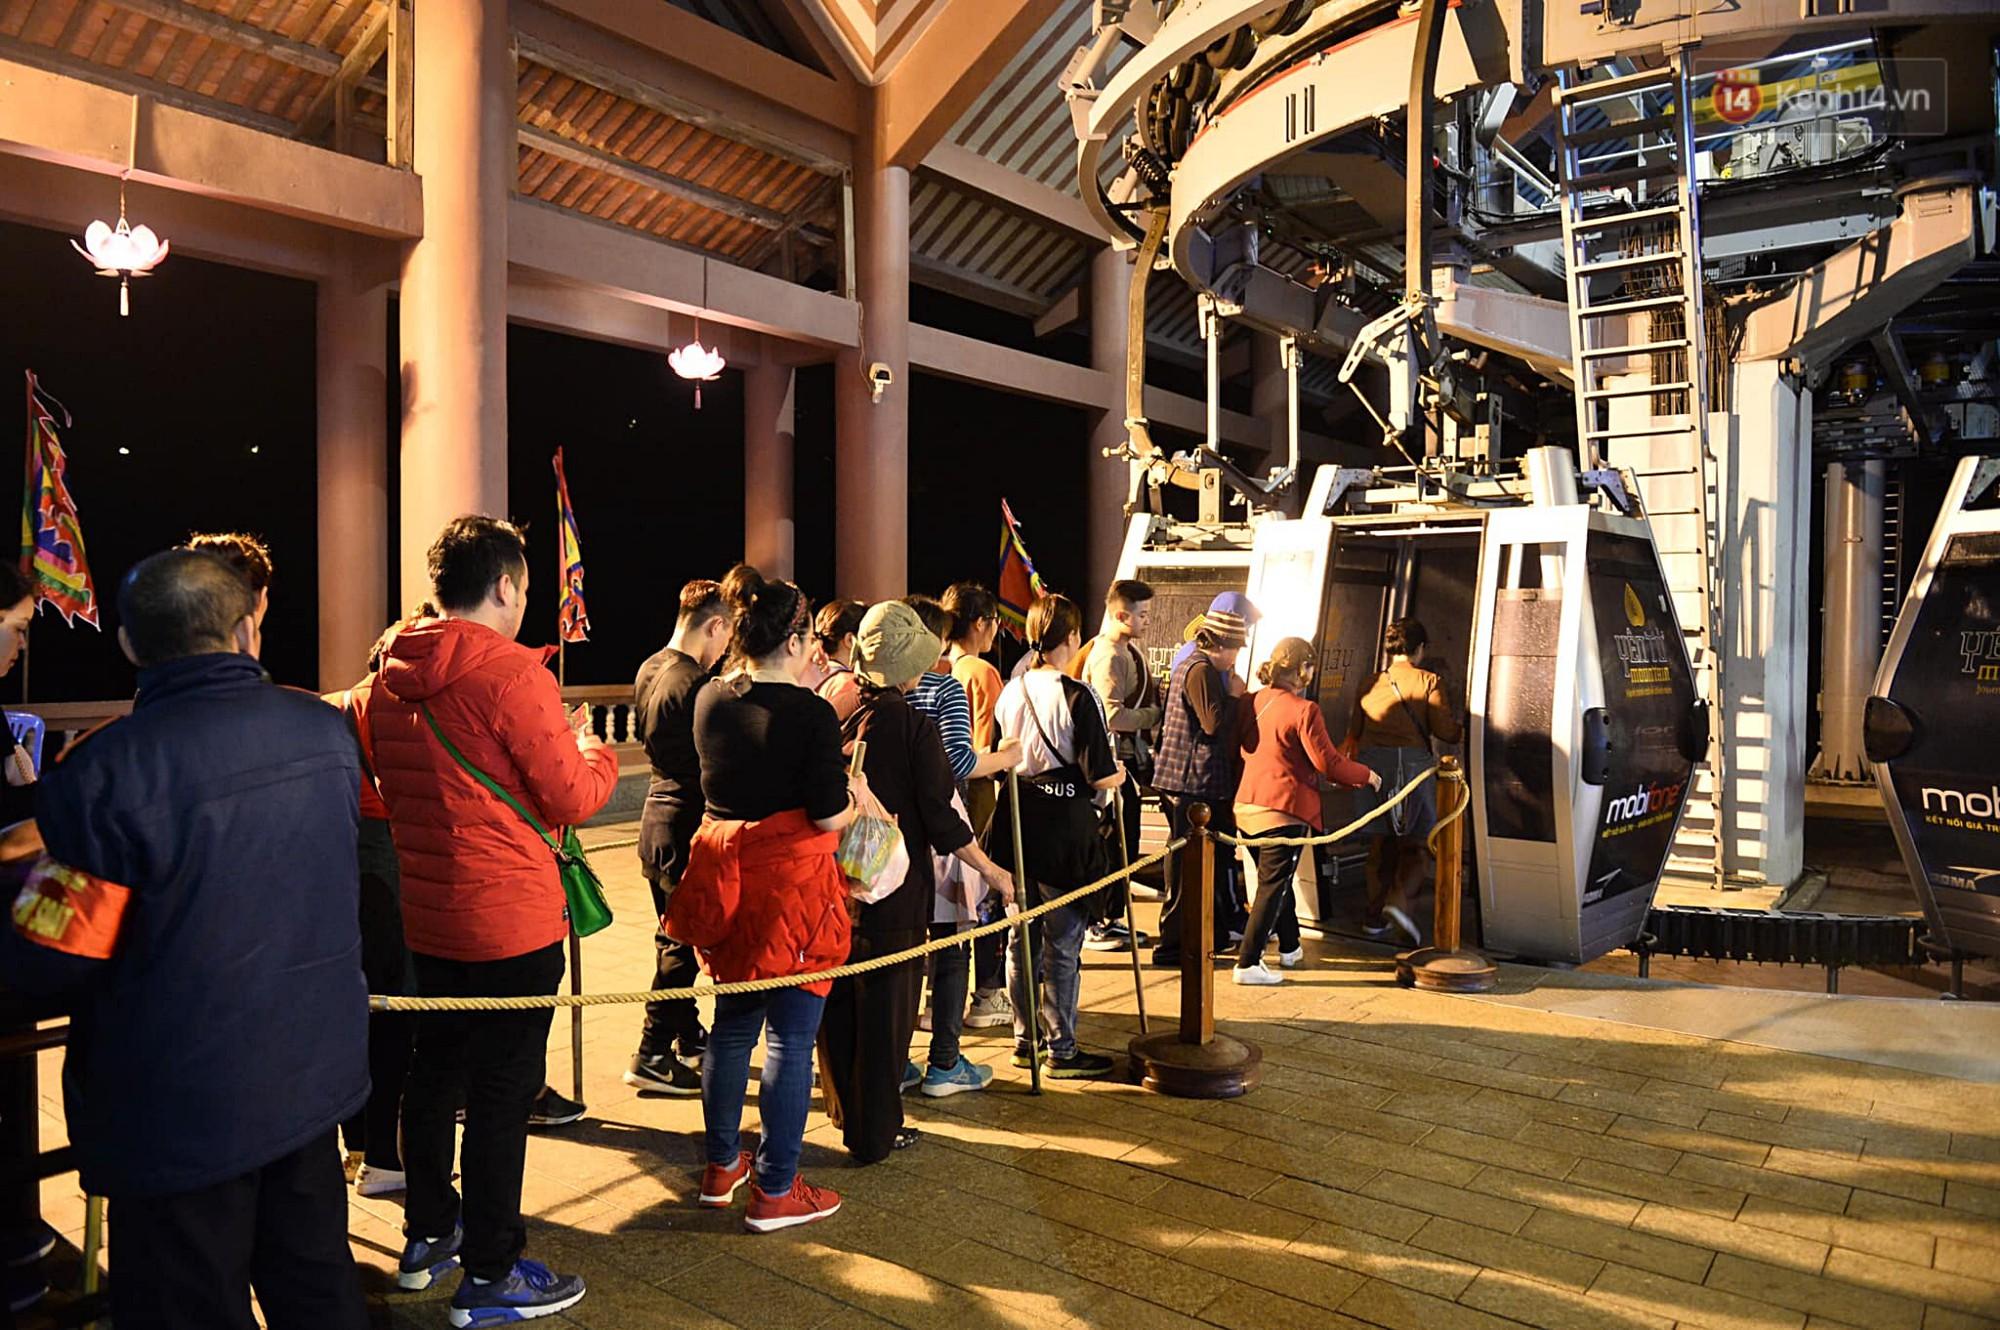 Hàng ngàn người dân đội mưa phùn trong giá rét, hành hương lên đỉnh Yên Tử trong đêm-10